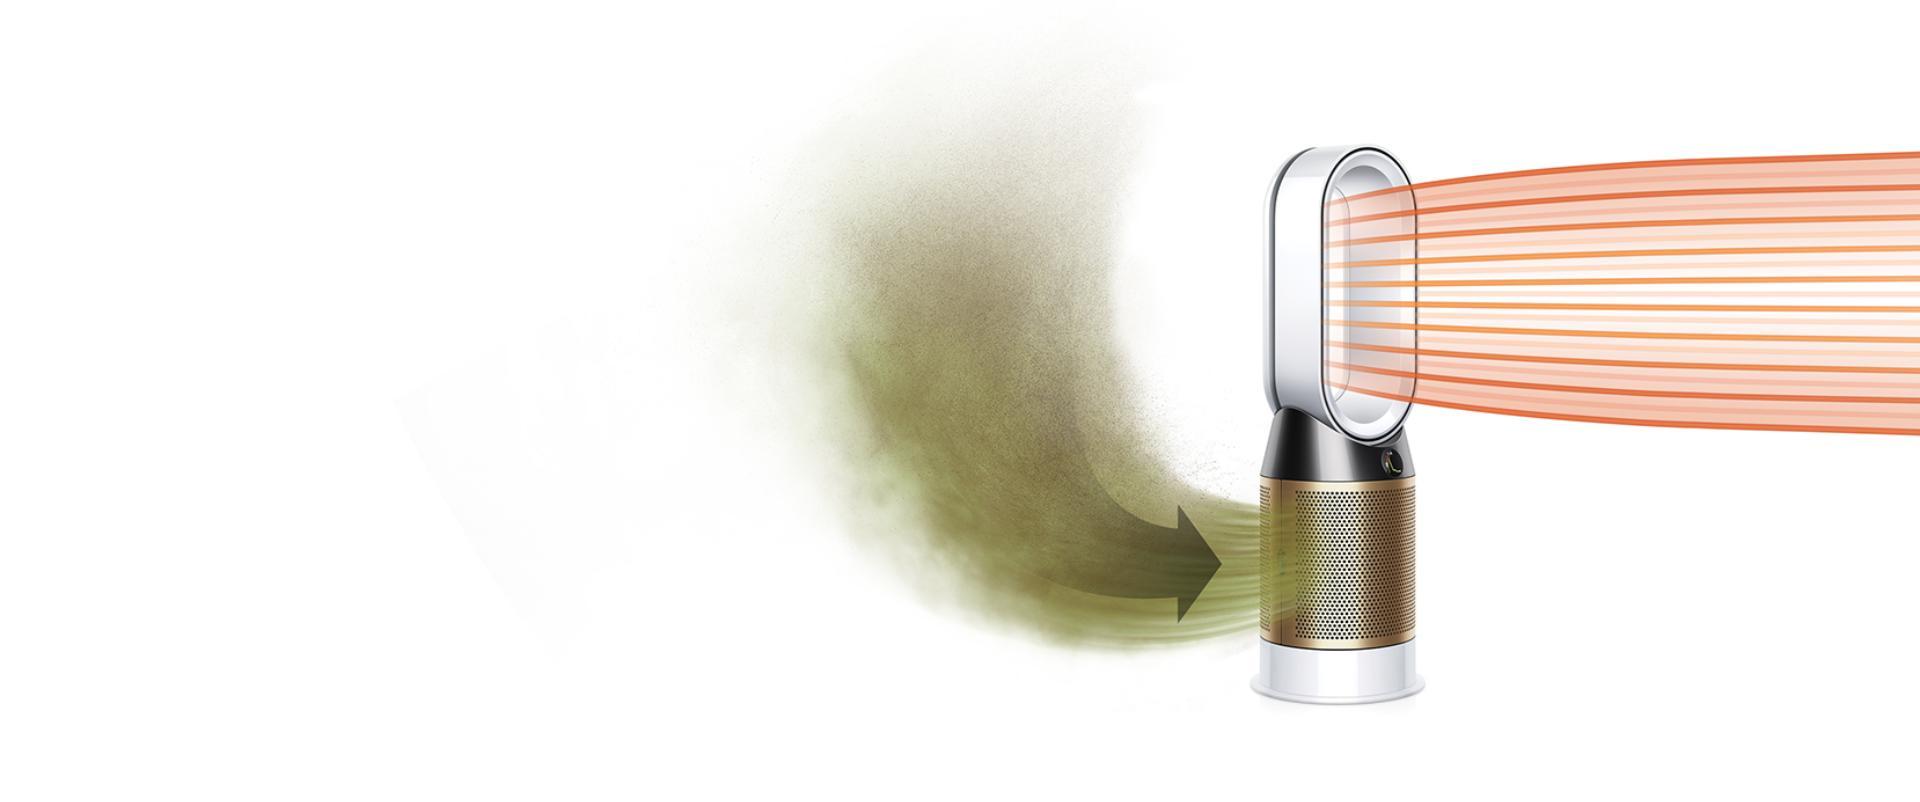 오염된 공기를 끌어들이고 정화된 공기를 분사하는 다이슨 퓨어 핫+쿨 크립토믹<sup>TM</sup>